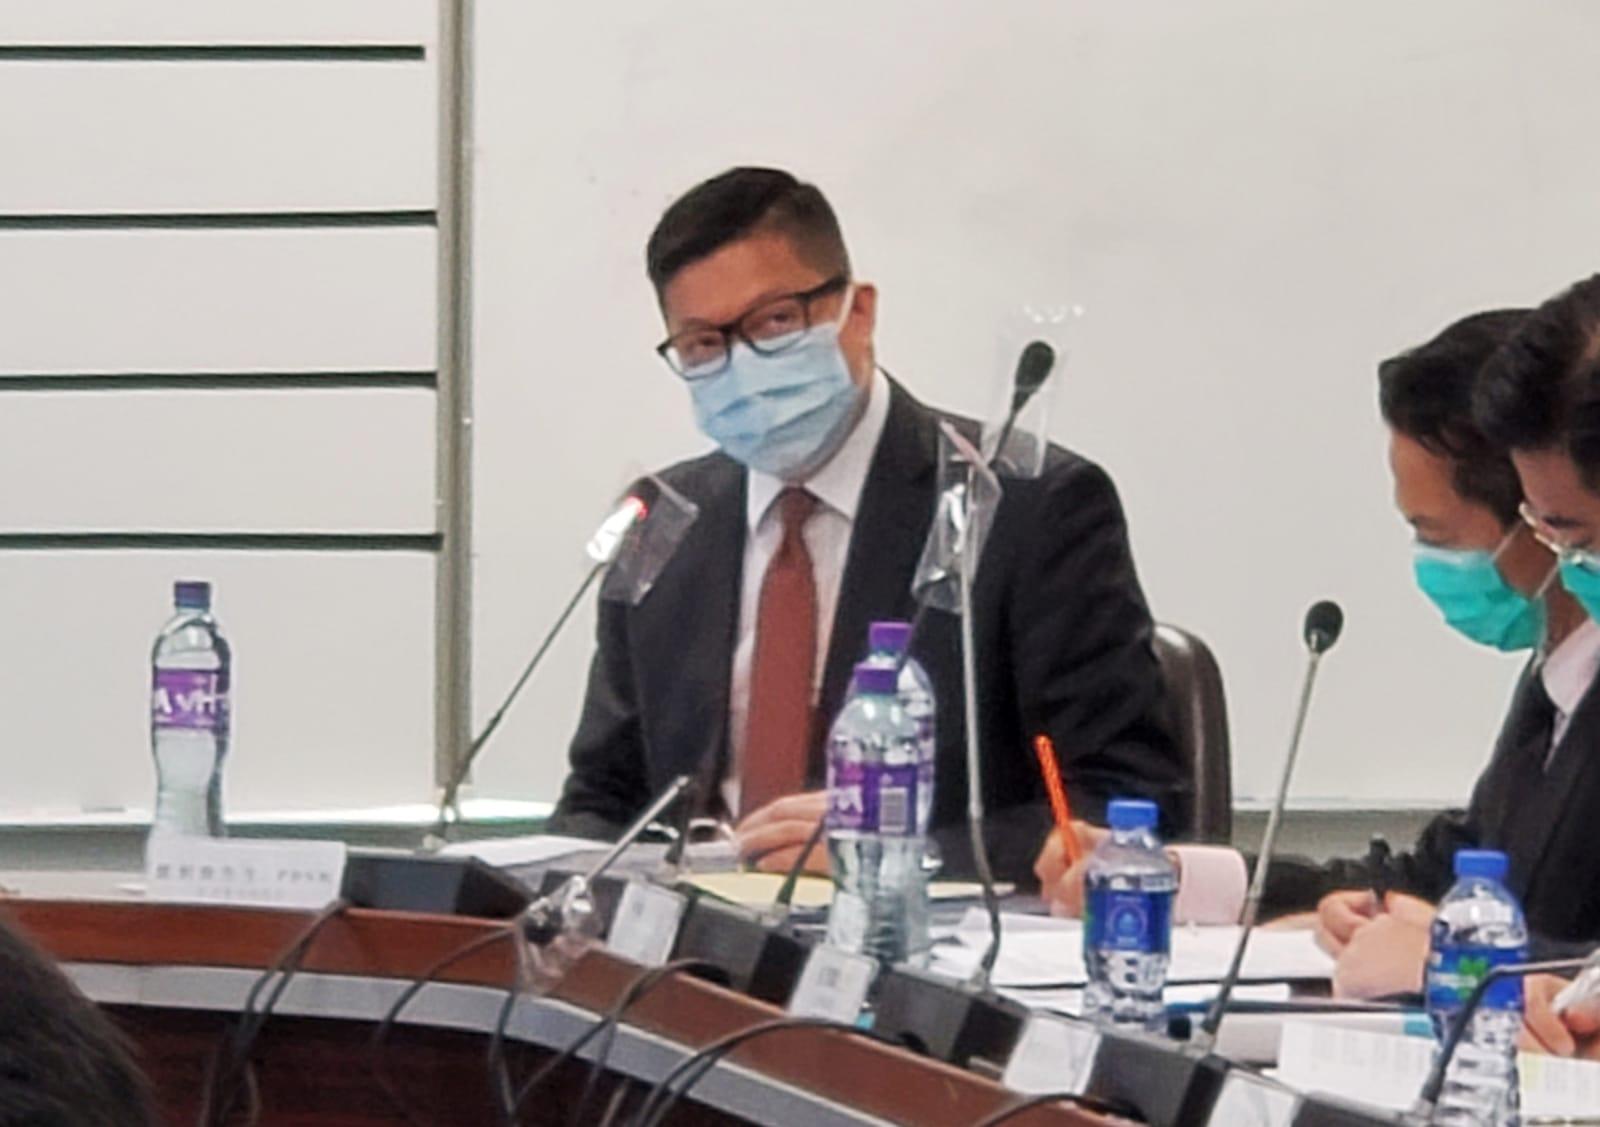 鄧炳強11日再次不點名抨擊《蘋果日報》近期有「生安白造」報道。被外國記者會質疑他評論「假新聞」。圖爲鄧炳強。(宋碧龍/大紀元)